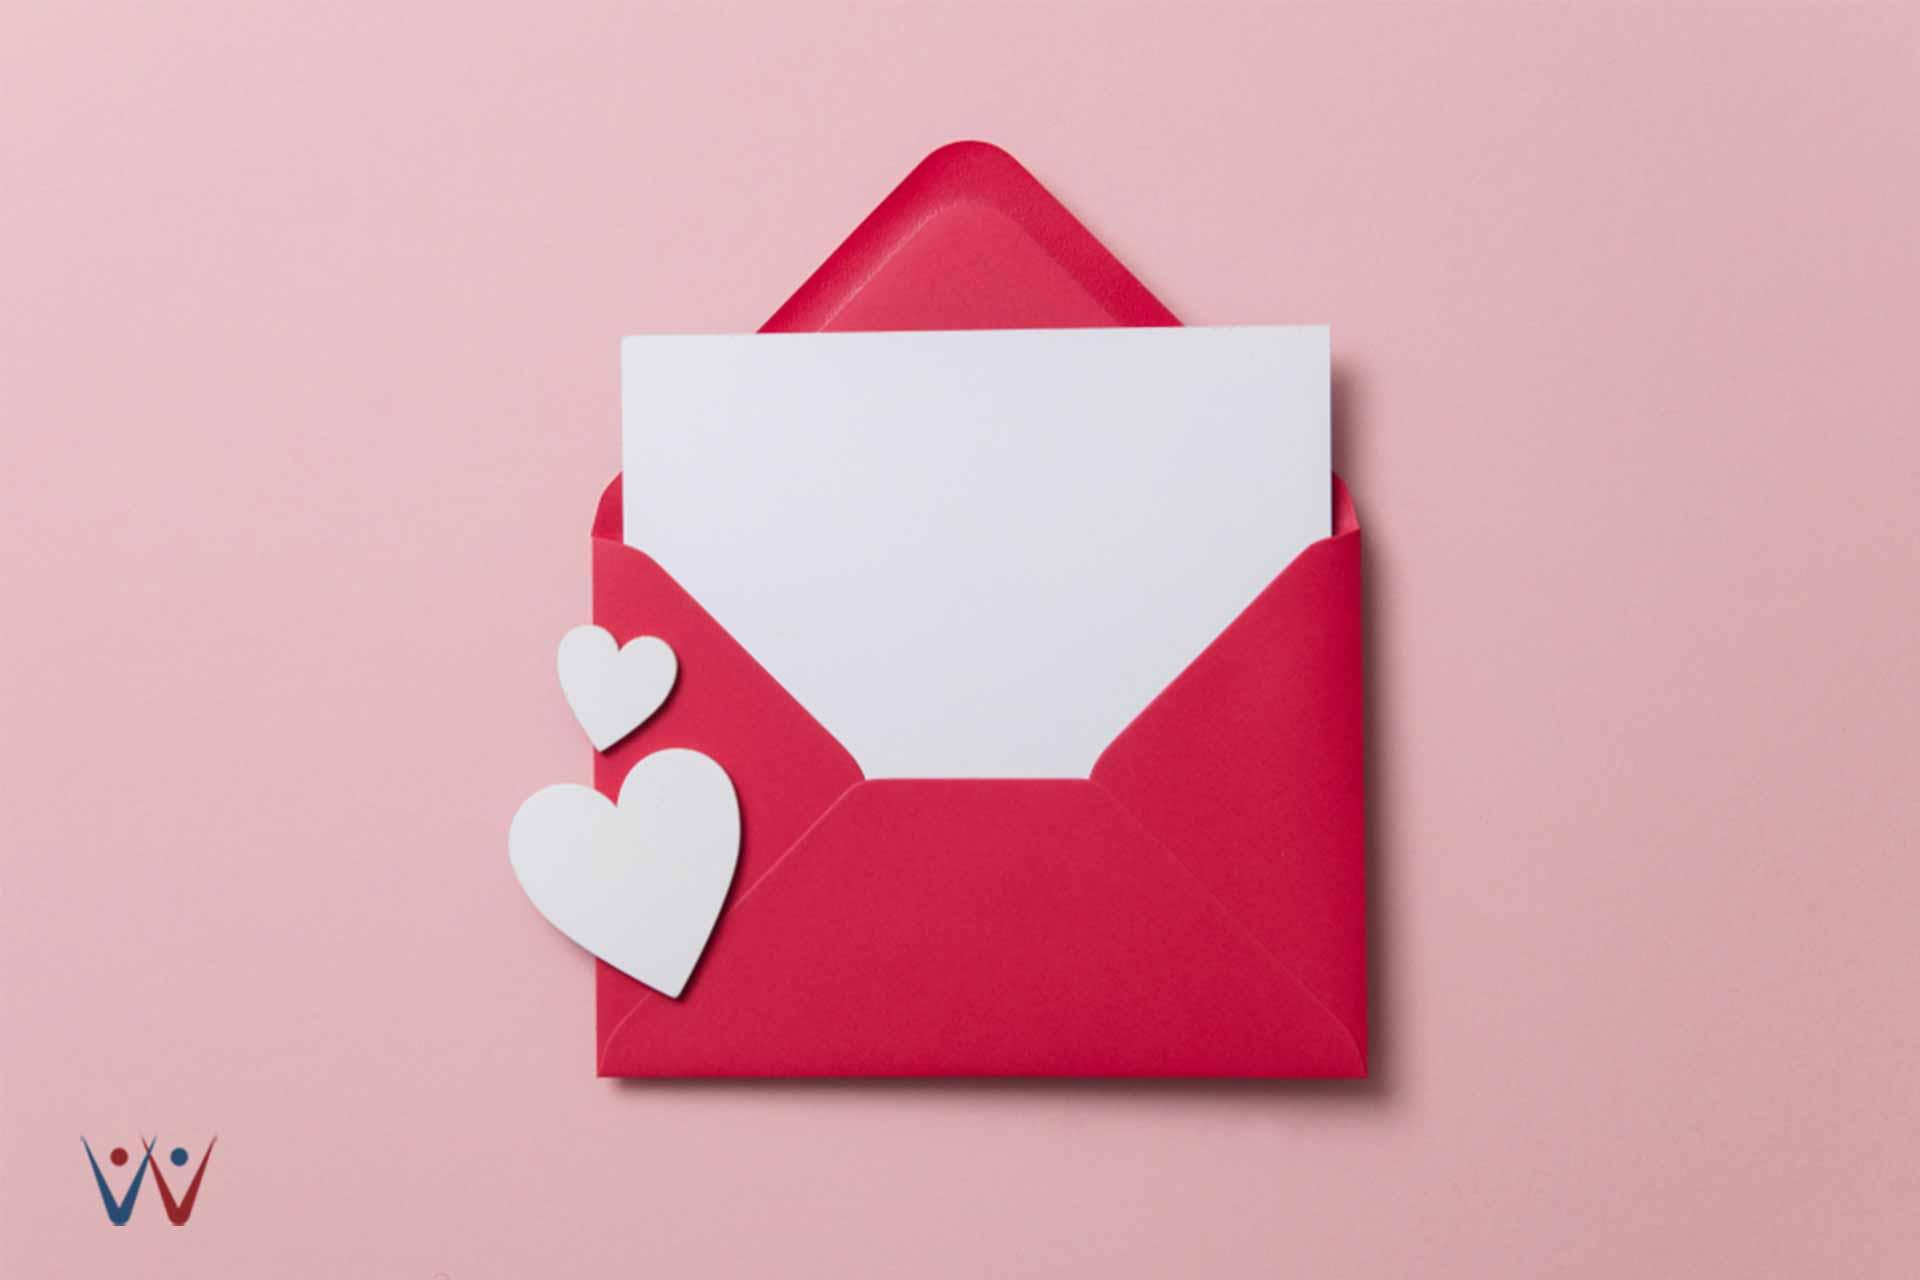 surat cinta - Selain Coklat, Ini Hadiah Valentine Hemat Budget yang Cocok Buat Pasangan Kamu!